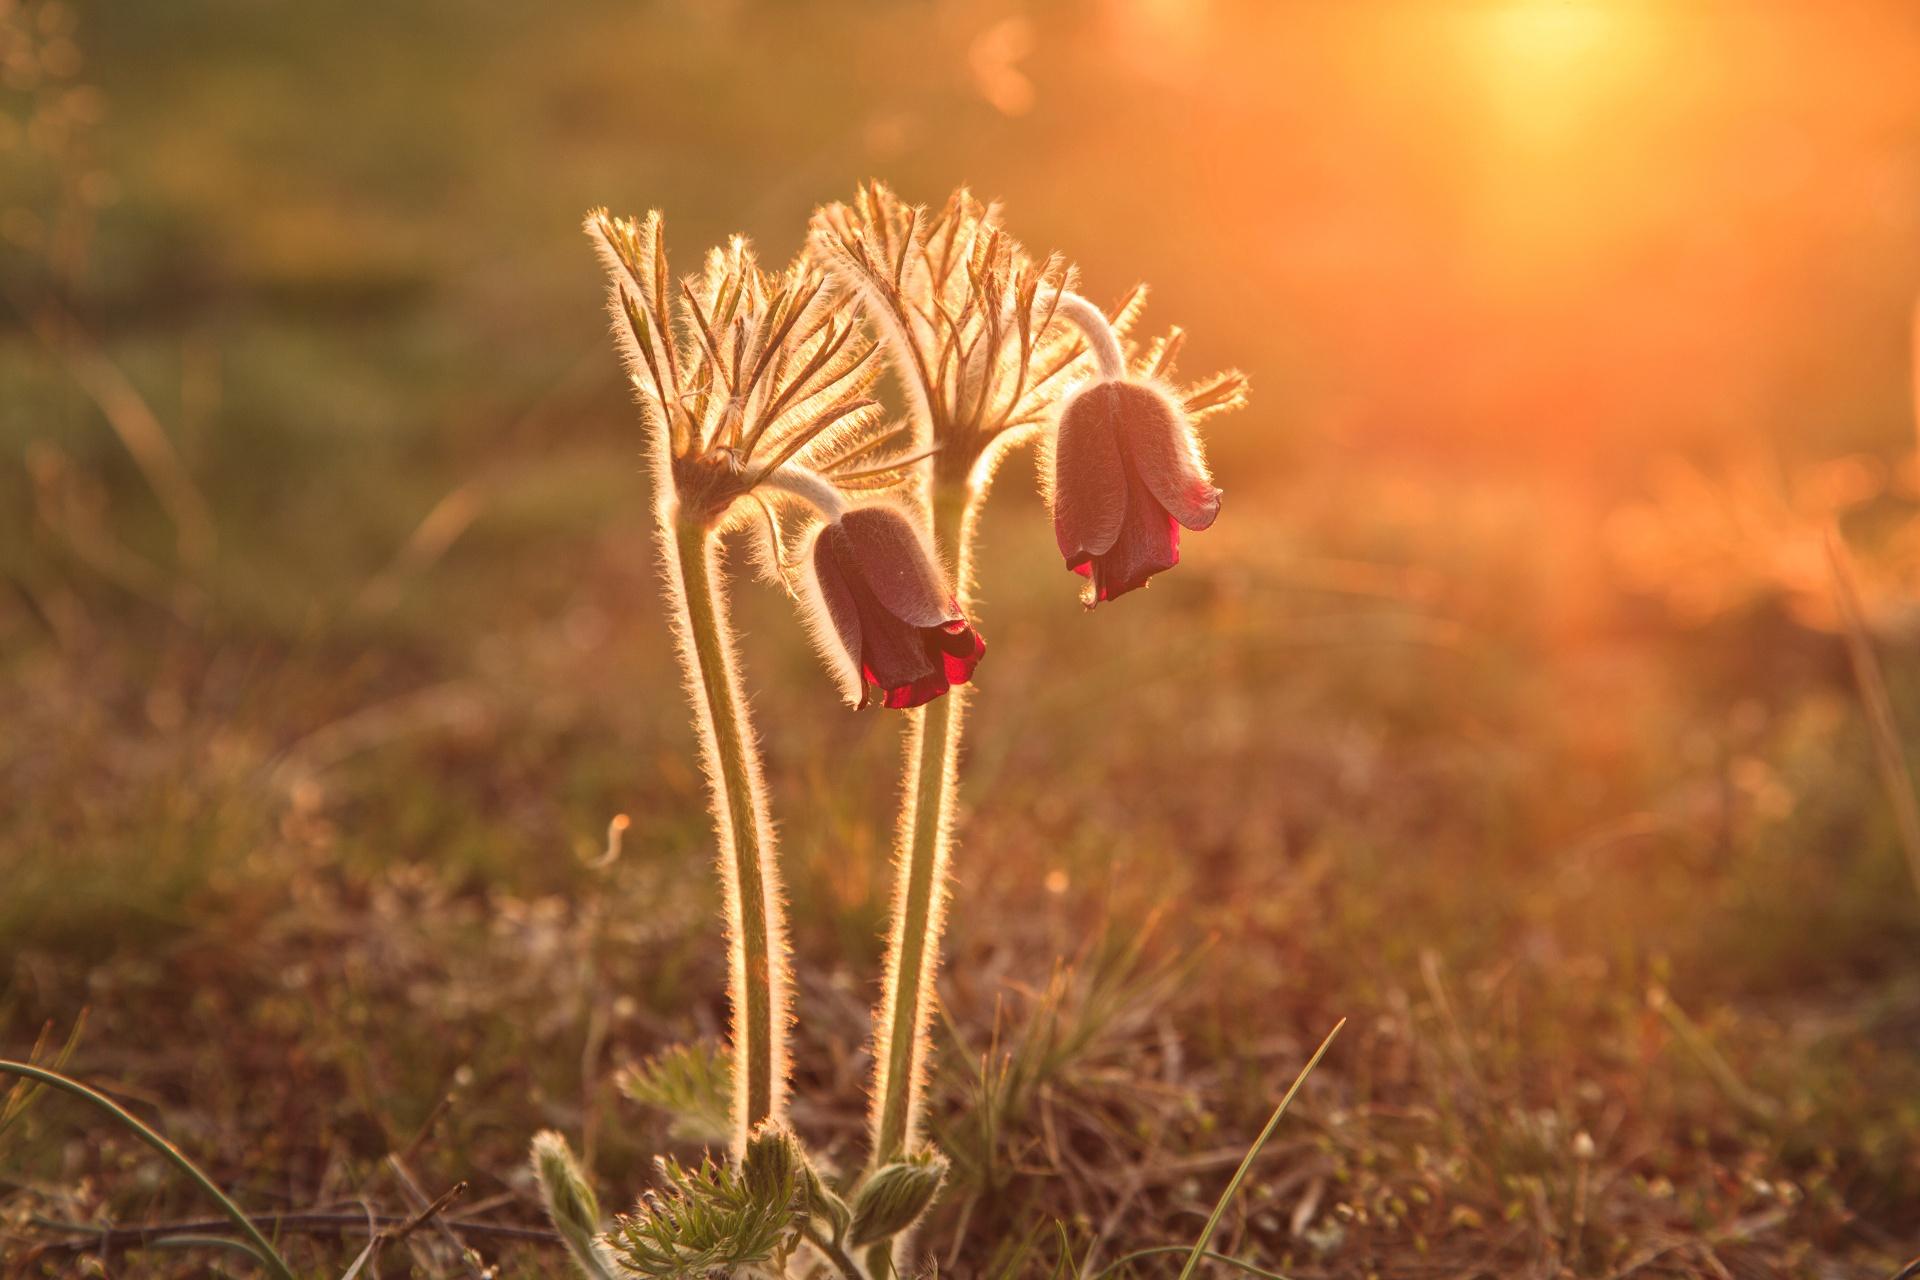 два цветка в лучах слонца